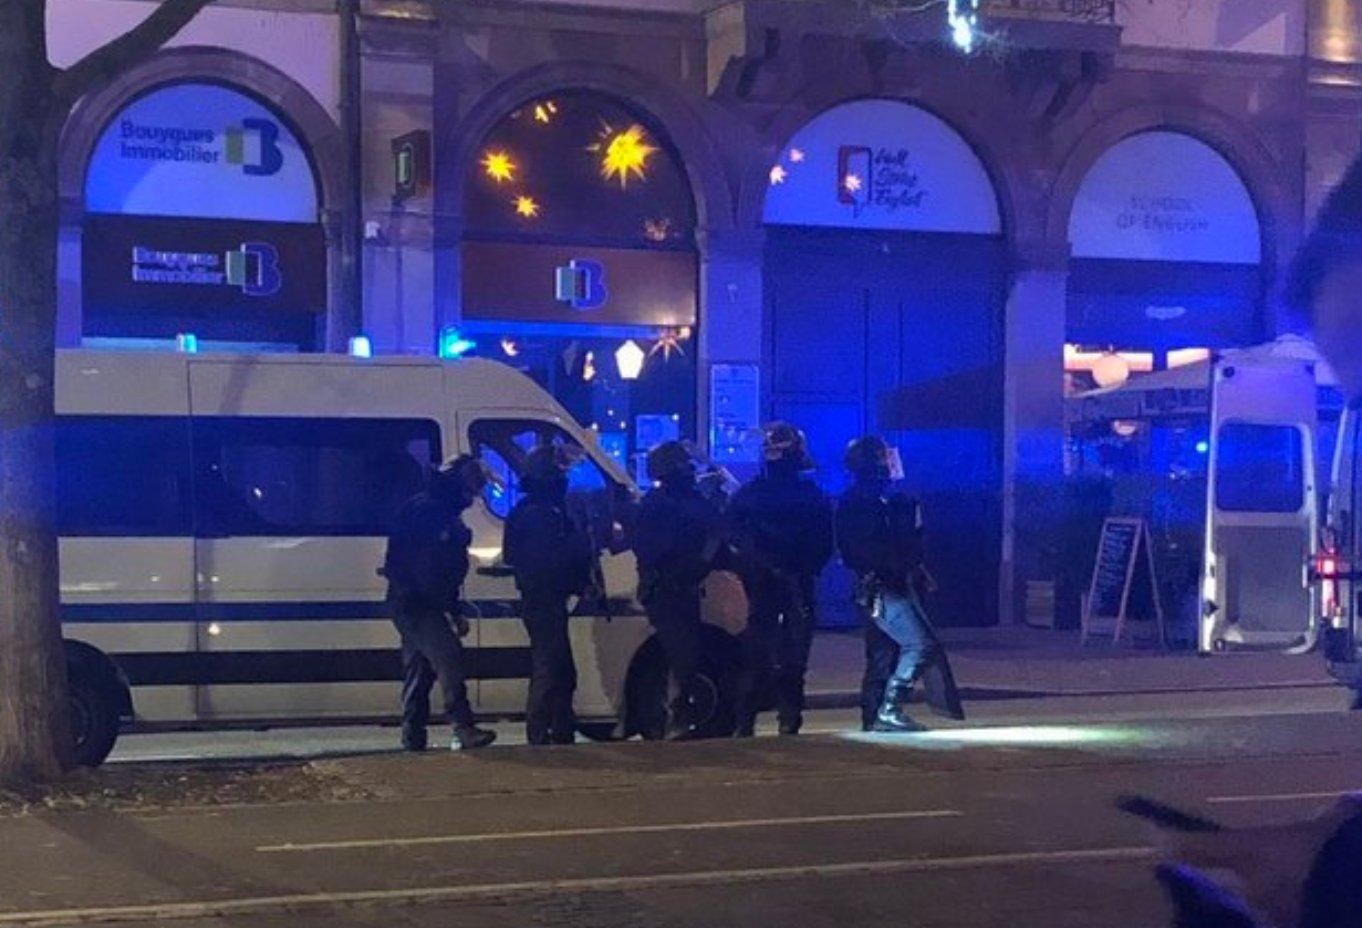 Le marché de Noël restera fermé jeudi — Attentat de Strasbourg